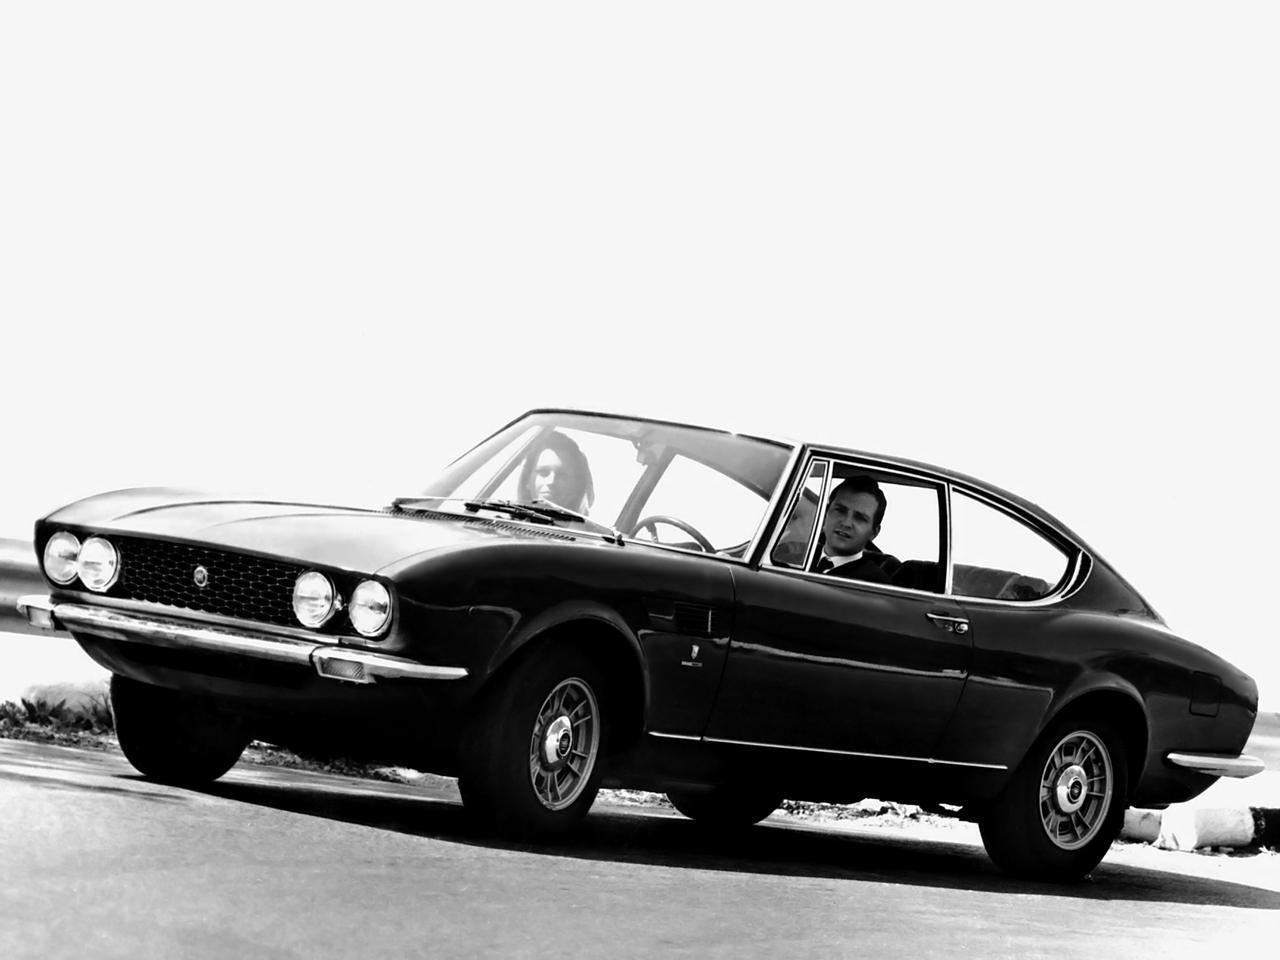 fiat-dino-coupe-v6-2000-5